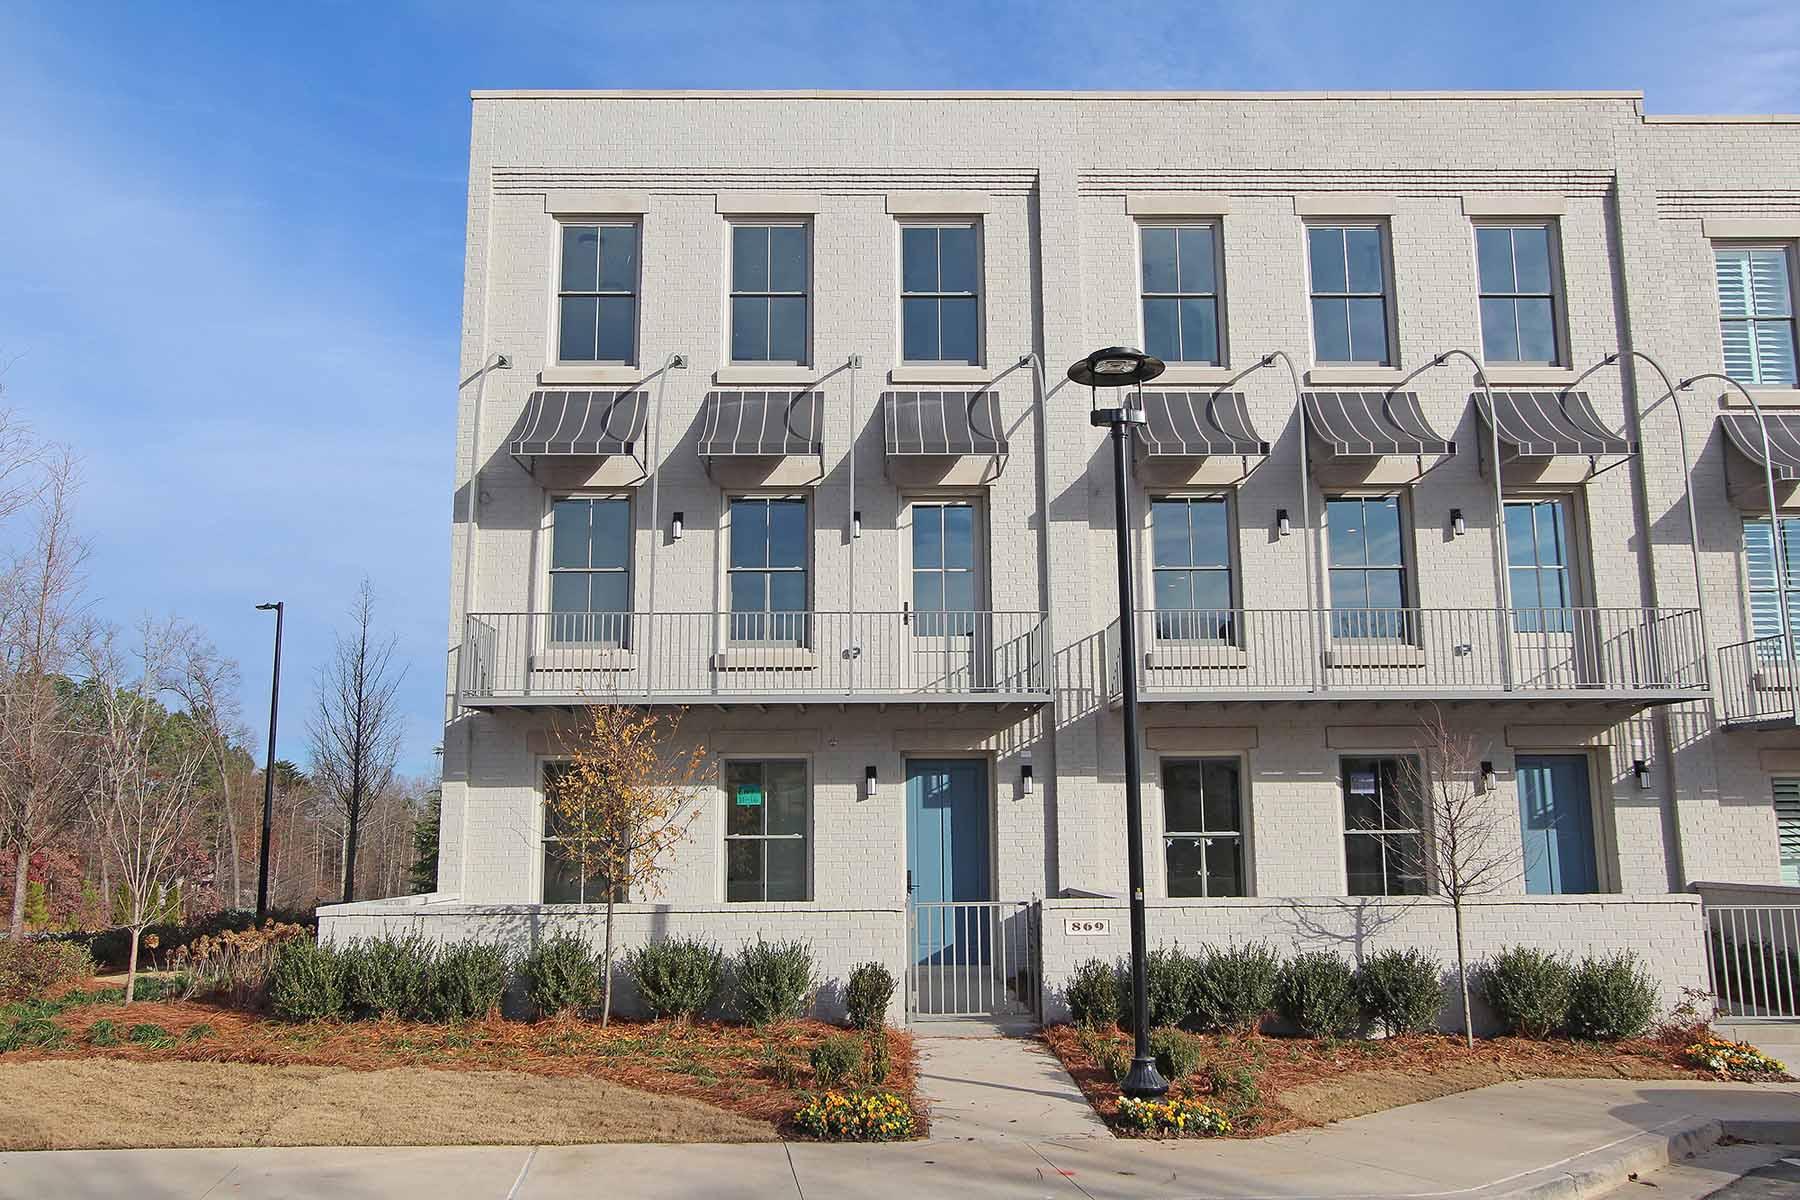 Nhà phố vì Bán tại Life Lived Well Starts Here at Avalon 869 3rd Street Alpharetta, Georgia, 30009 Hoa Kỳ